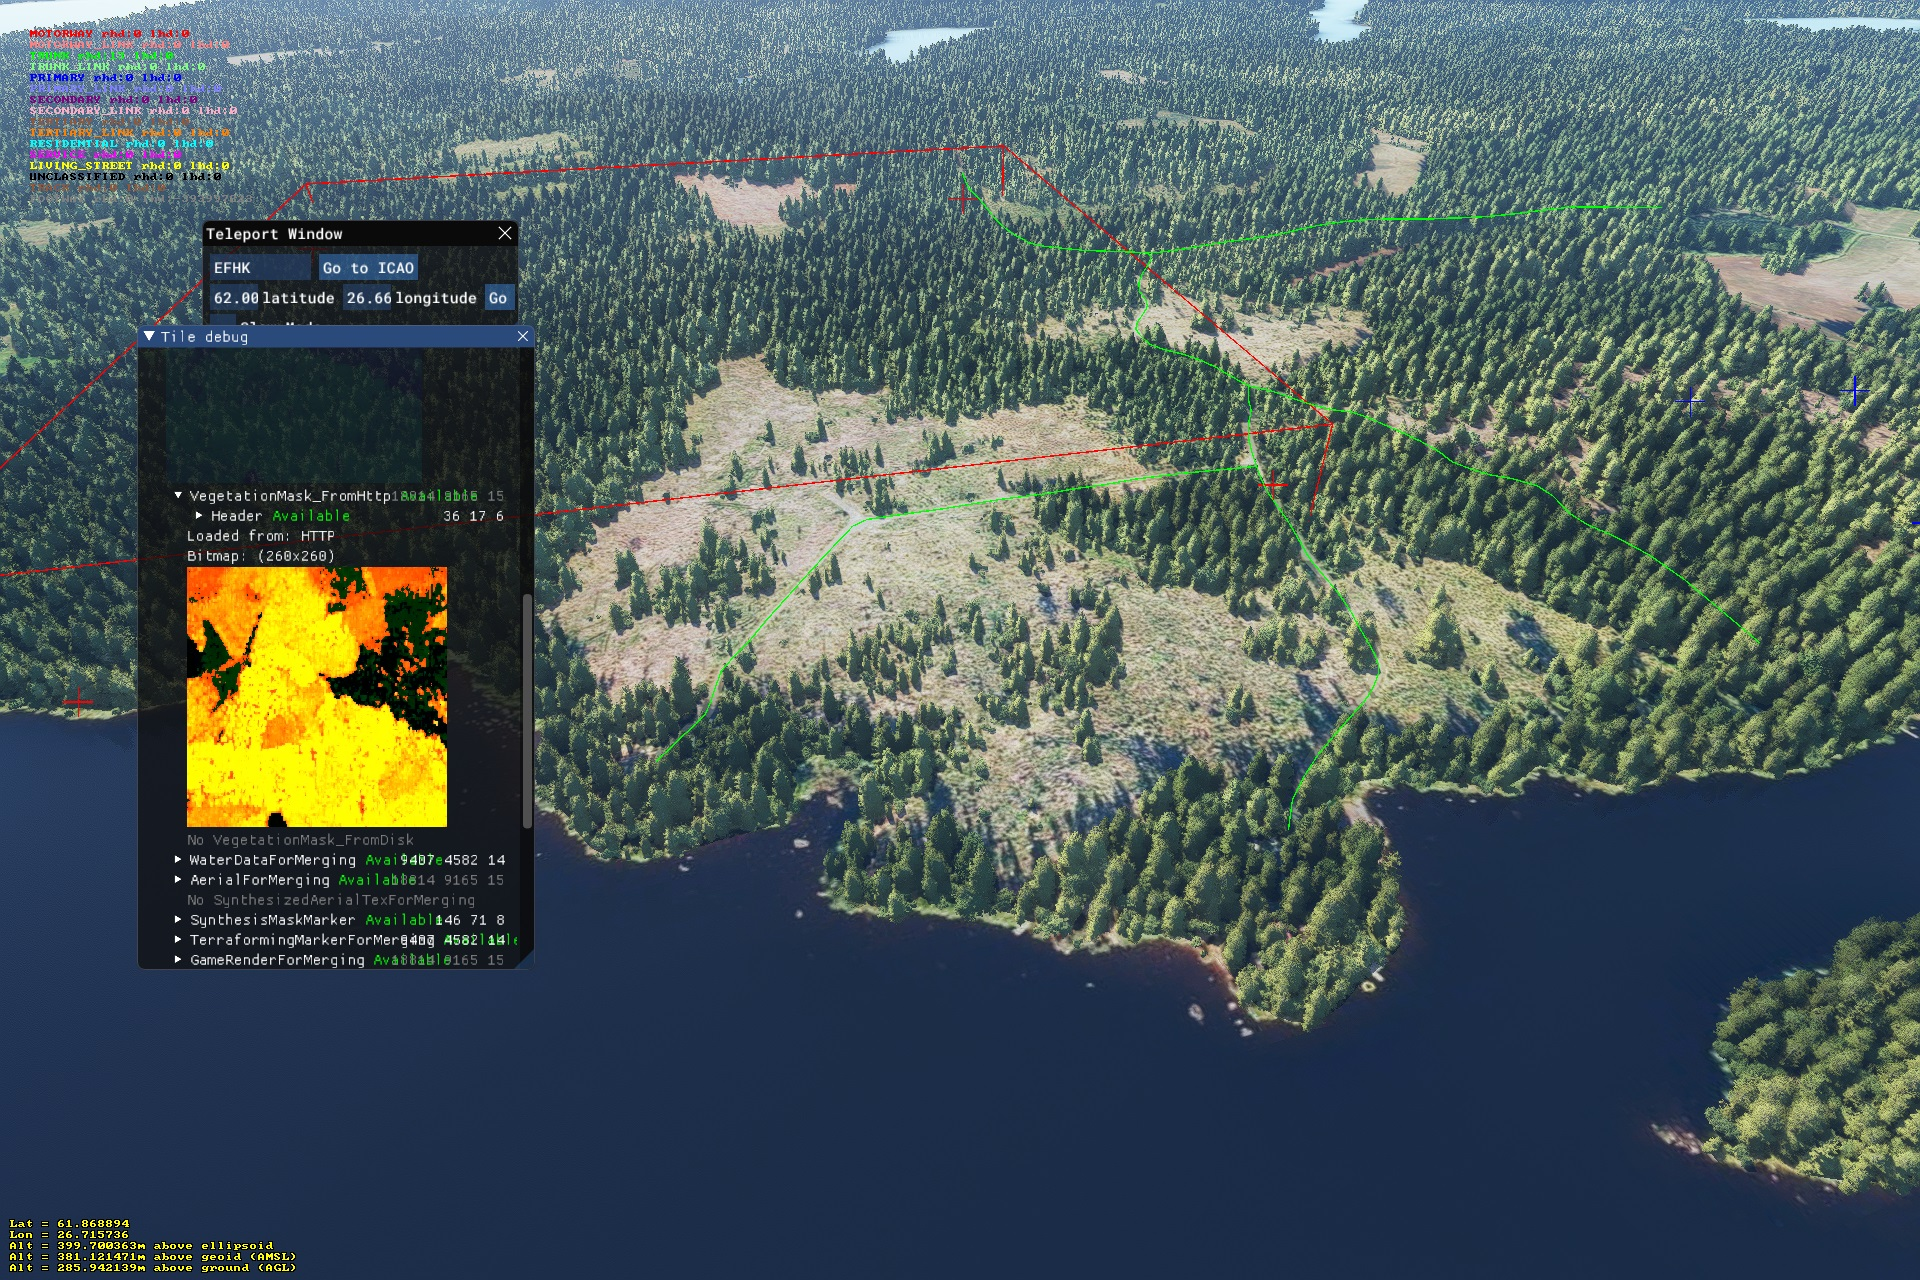 vgm_aerial_road.jpg